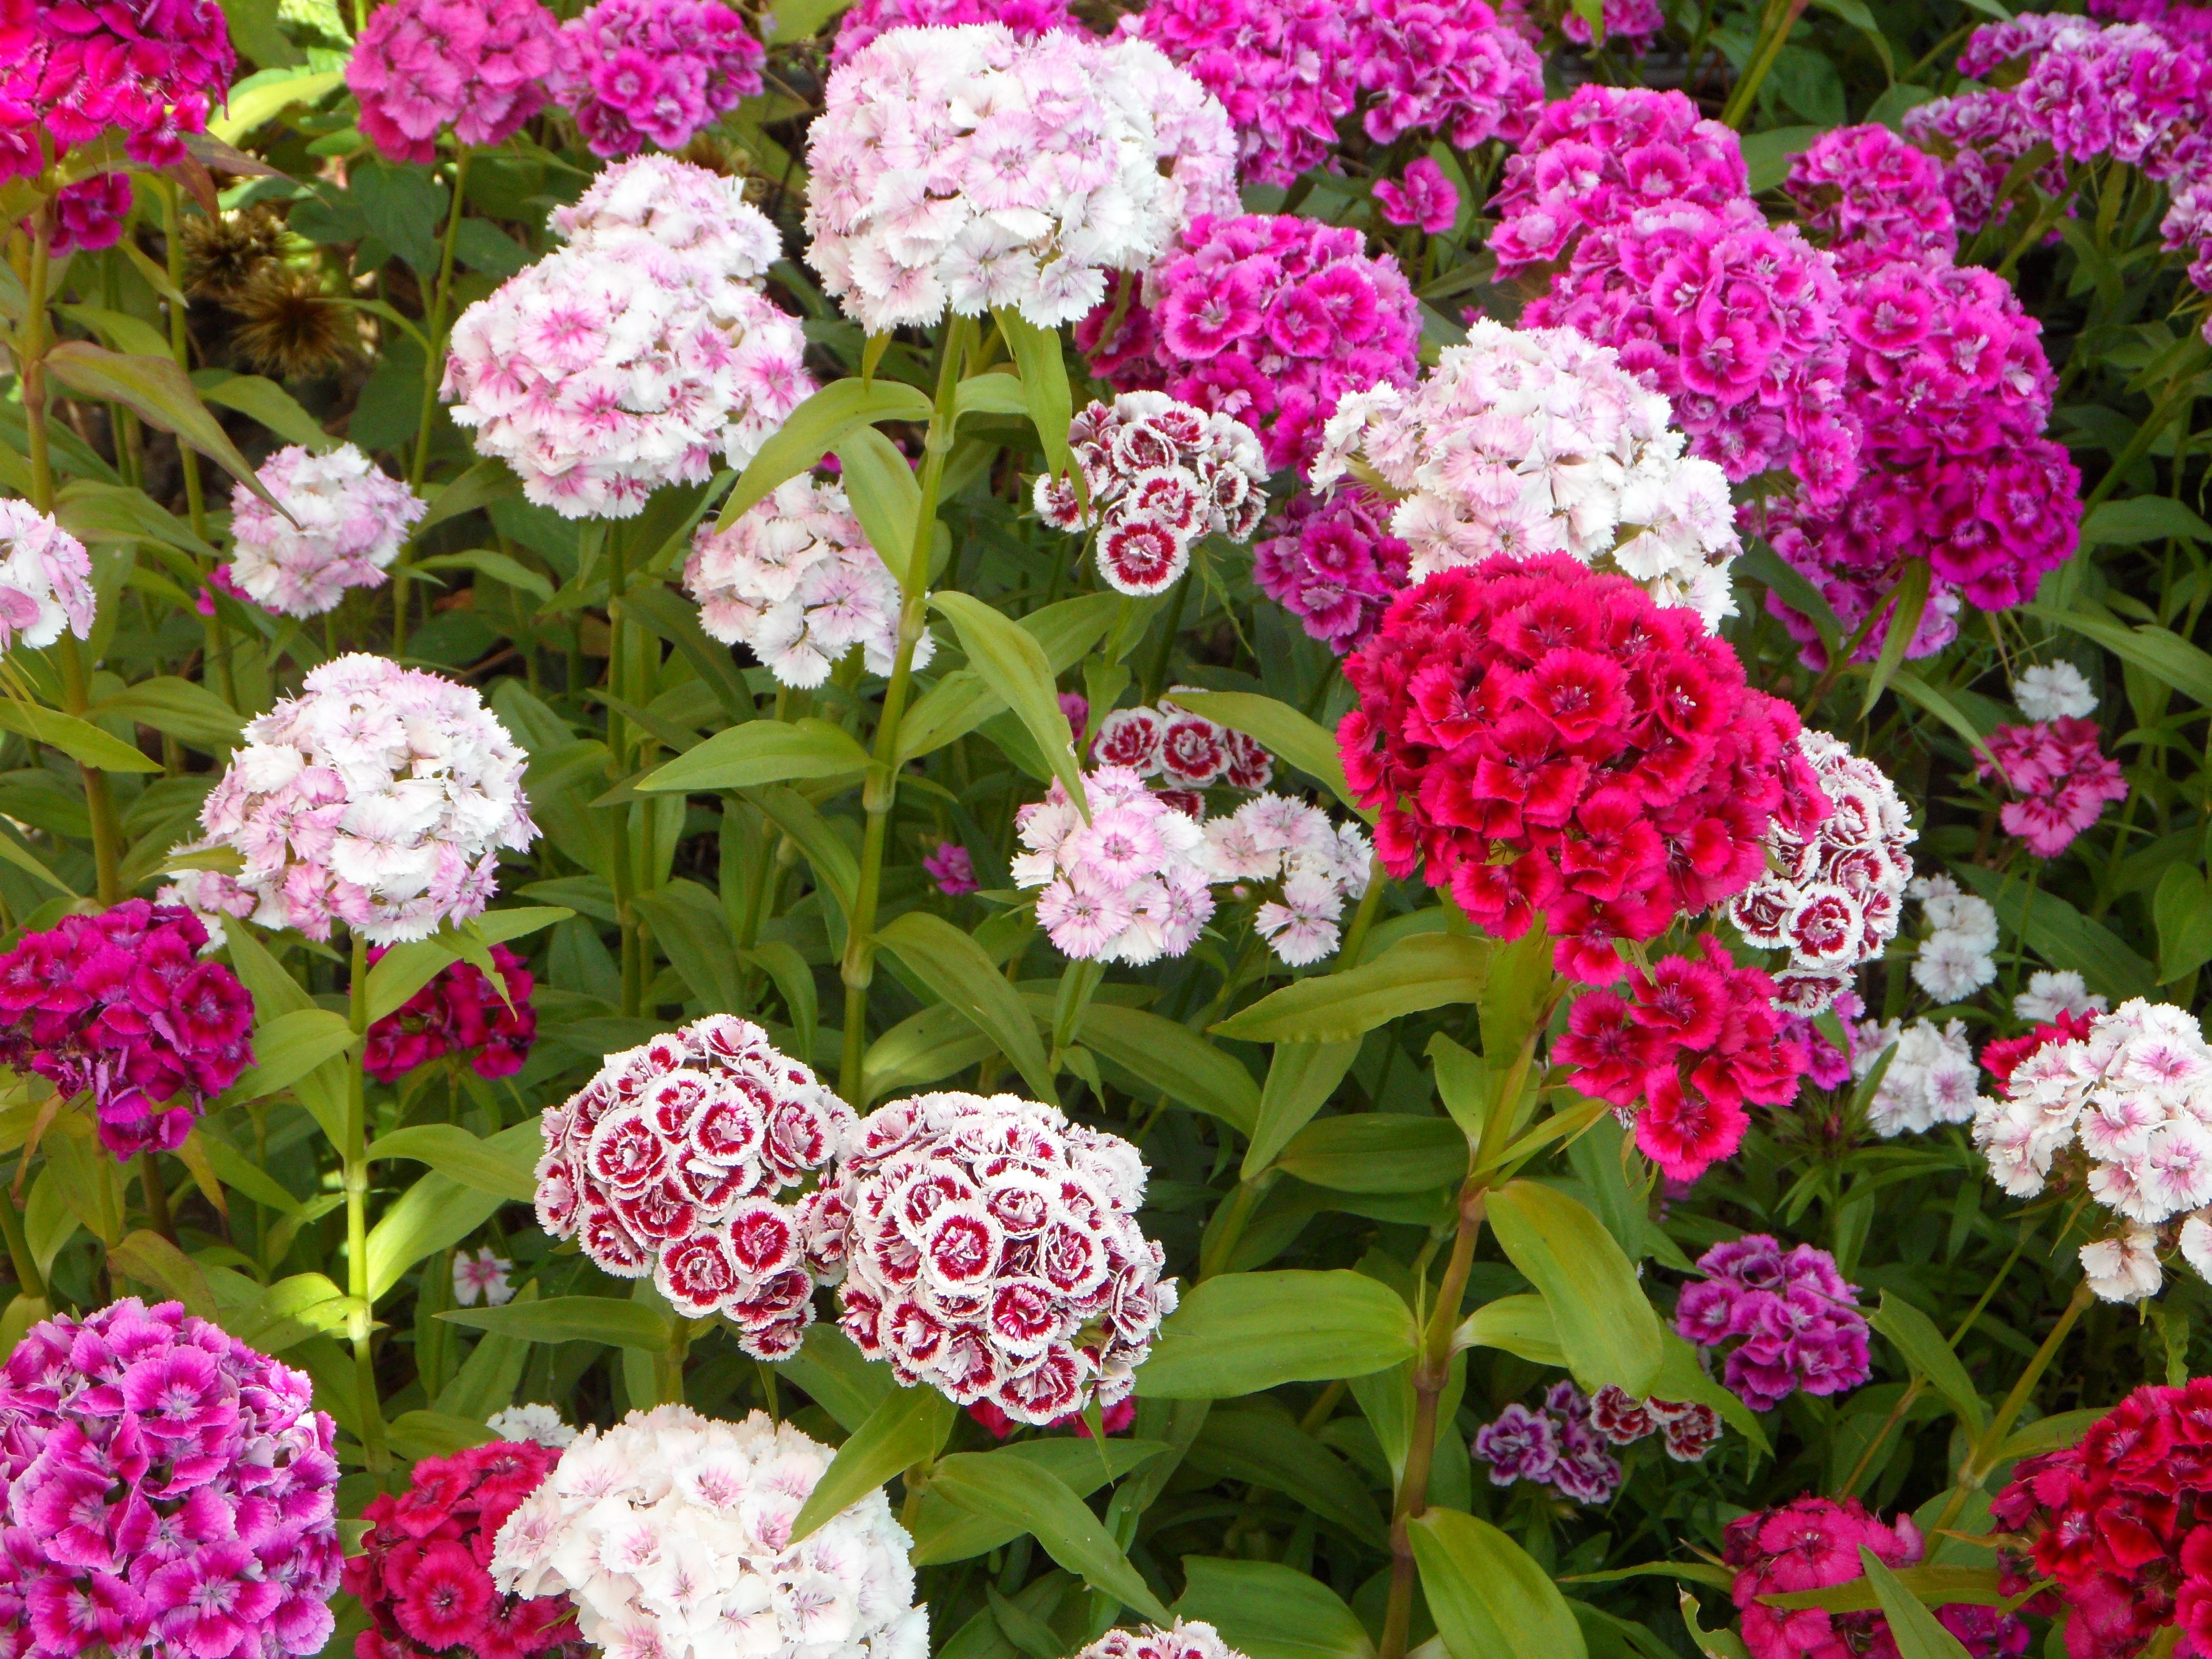 Images Gratuites : fleur, Floraison, rose, Dianthus, achillée ...